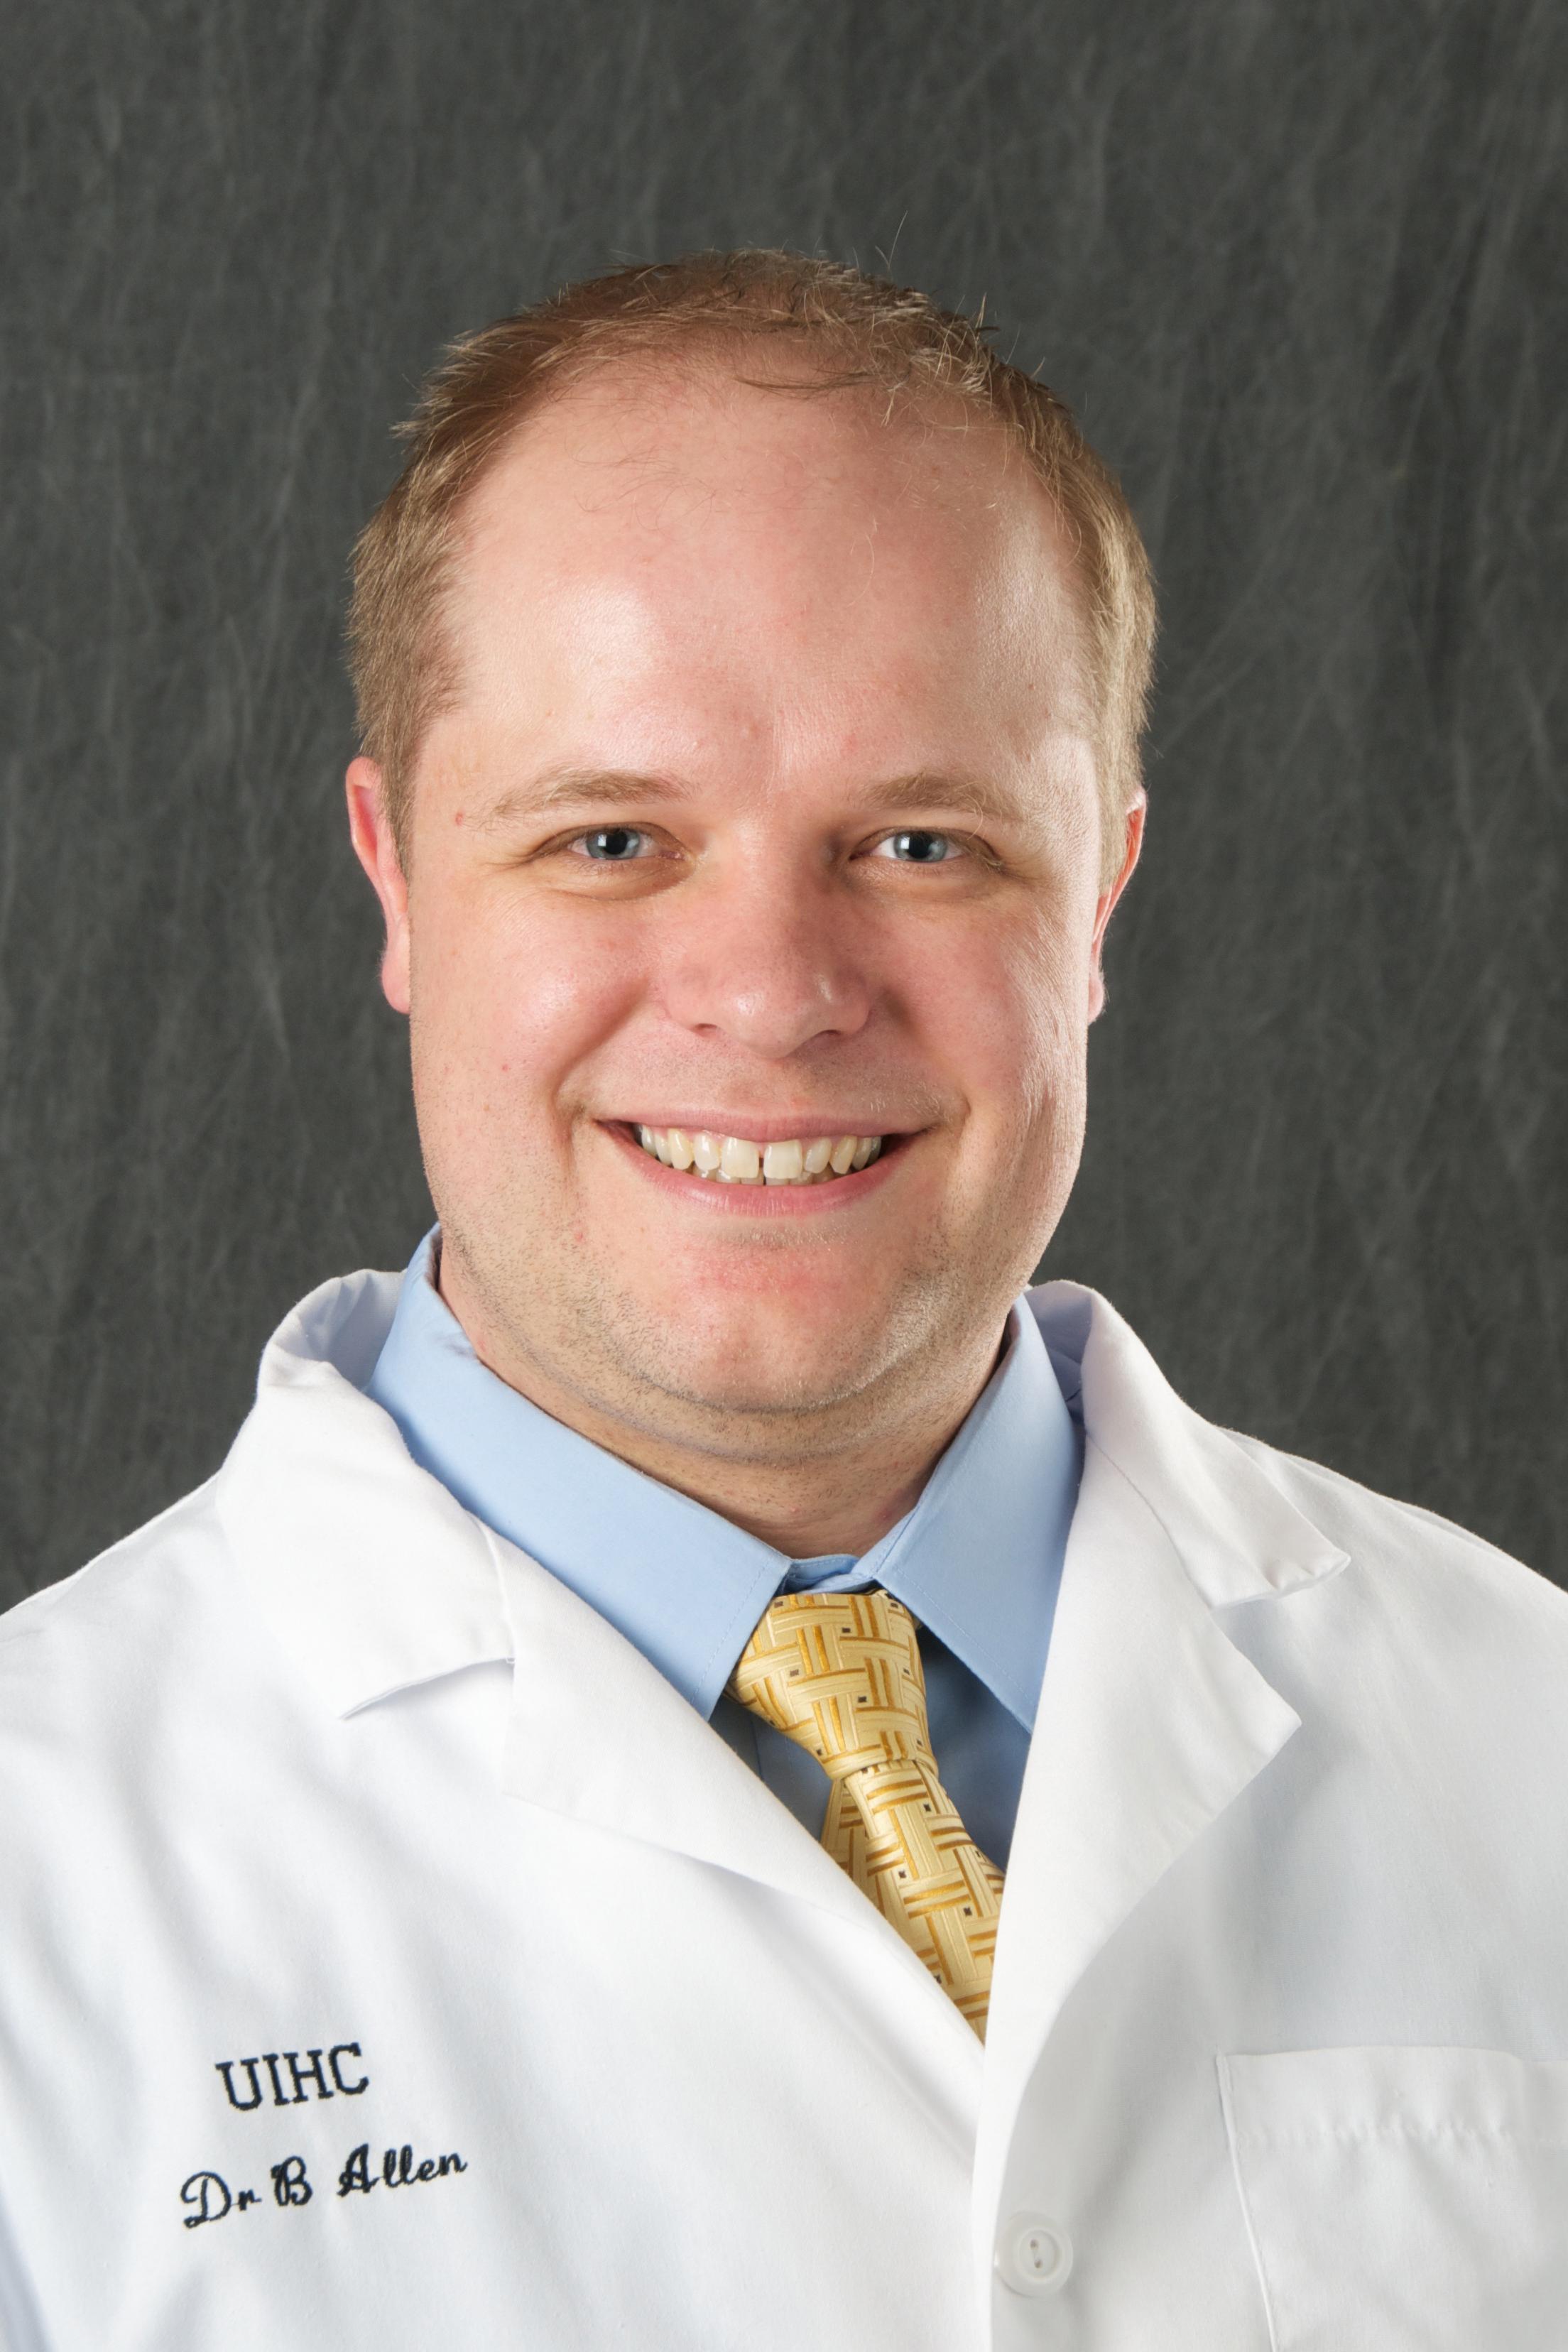 Bryan Allen, MD, PhD